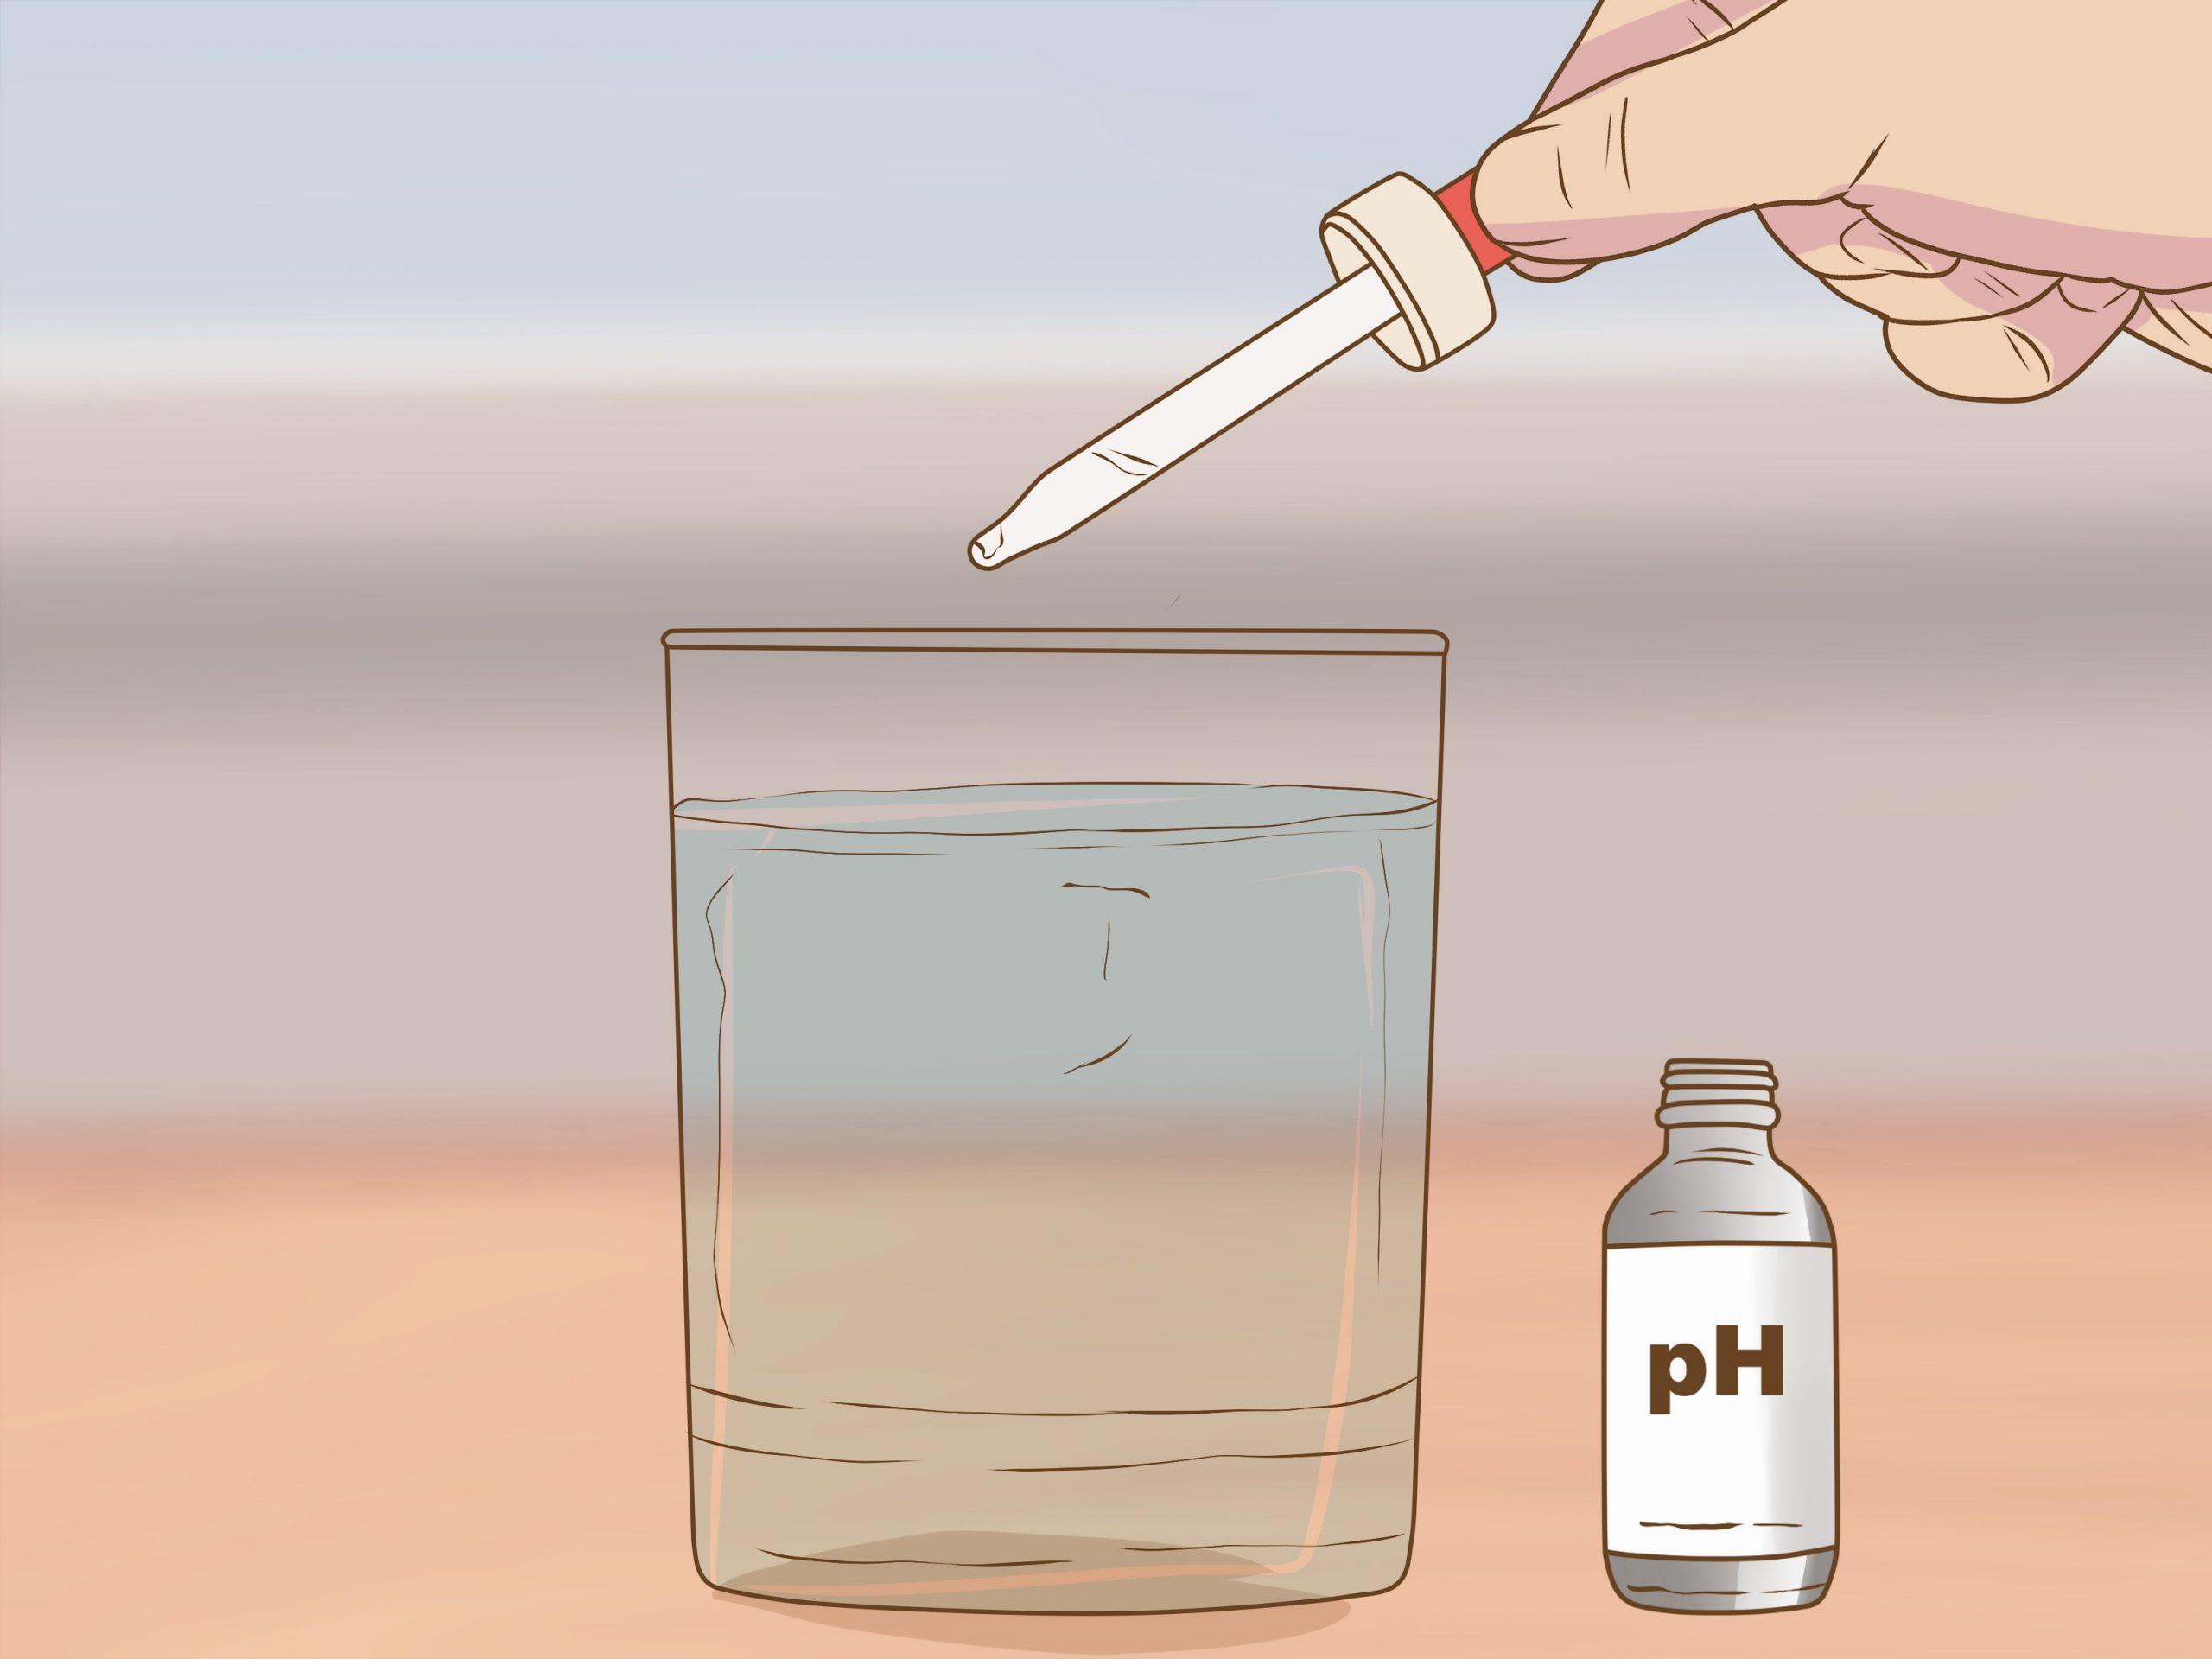 Cách thử độ PH của nước